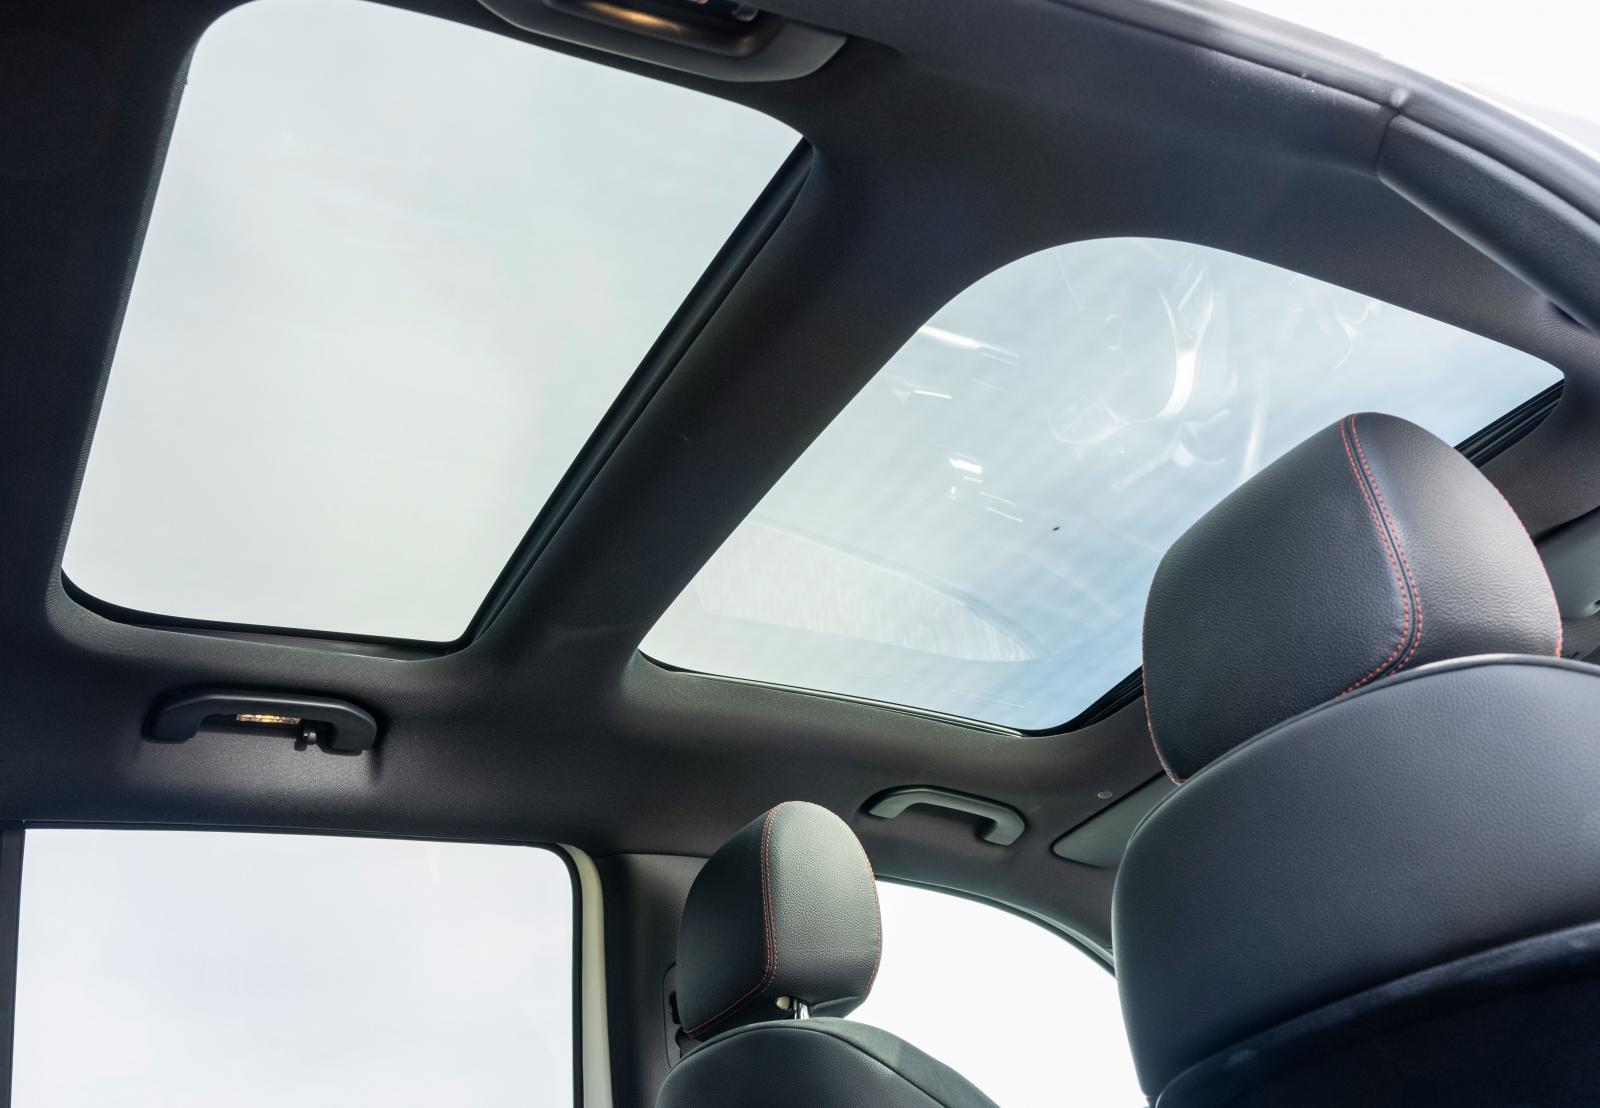 Utmärkt sikt genom stora fönsterytor och överskådlig karossform. Dubbla takluckor av glas kostar rimliga 7500 kronor extra.